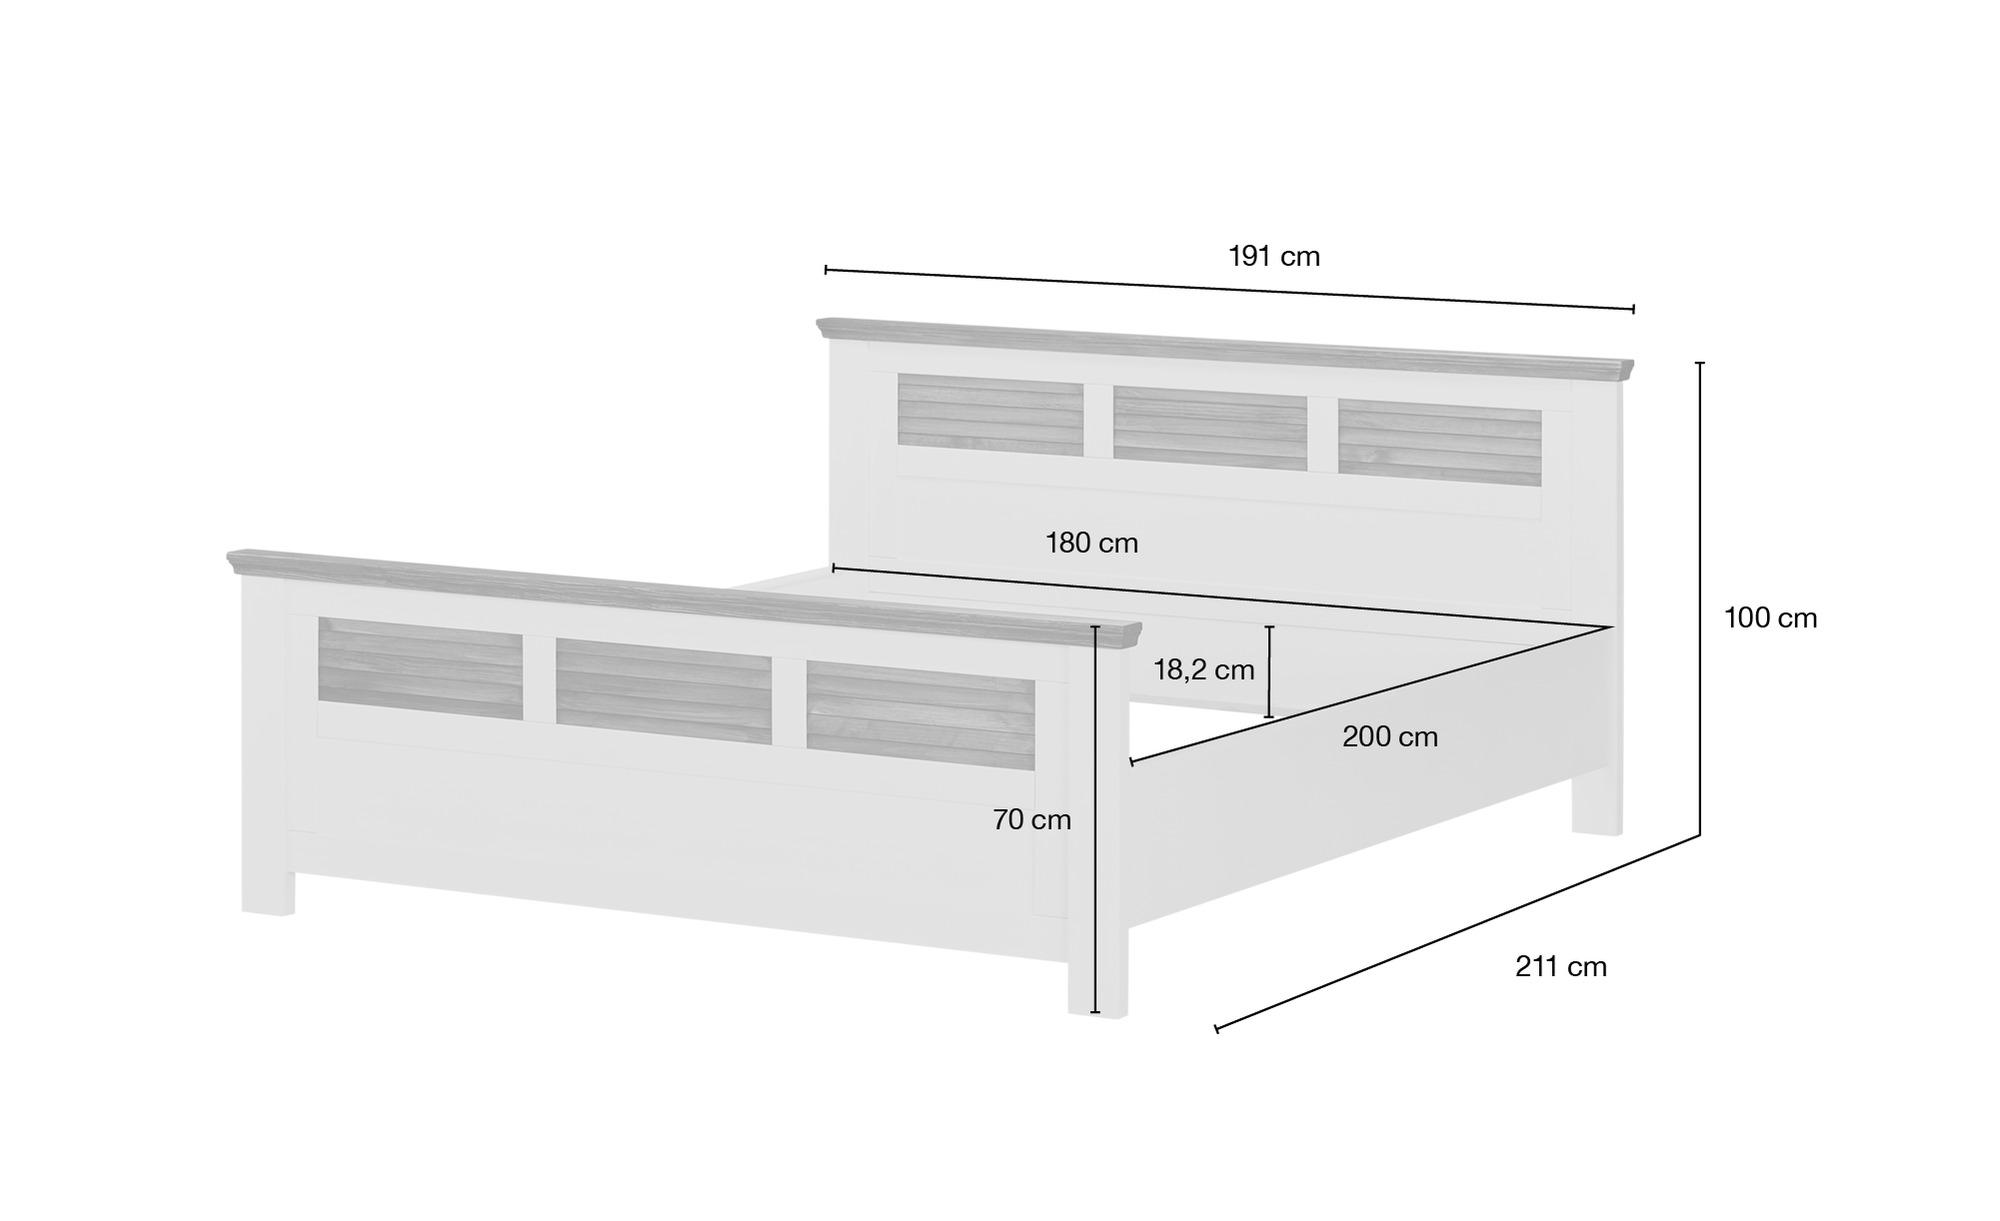 Doppelbettgestell 180x200 - weiß/braun - Pinie - Landhaus-Stil Laguna ¦ weiß ¦ Maße (cm): B: 191 H: 100 T: 211 Betten > Futonbetten - Höffner